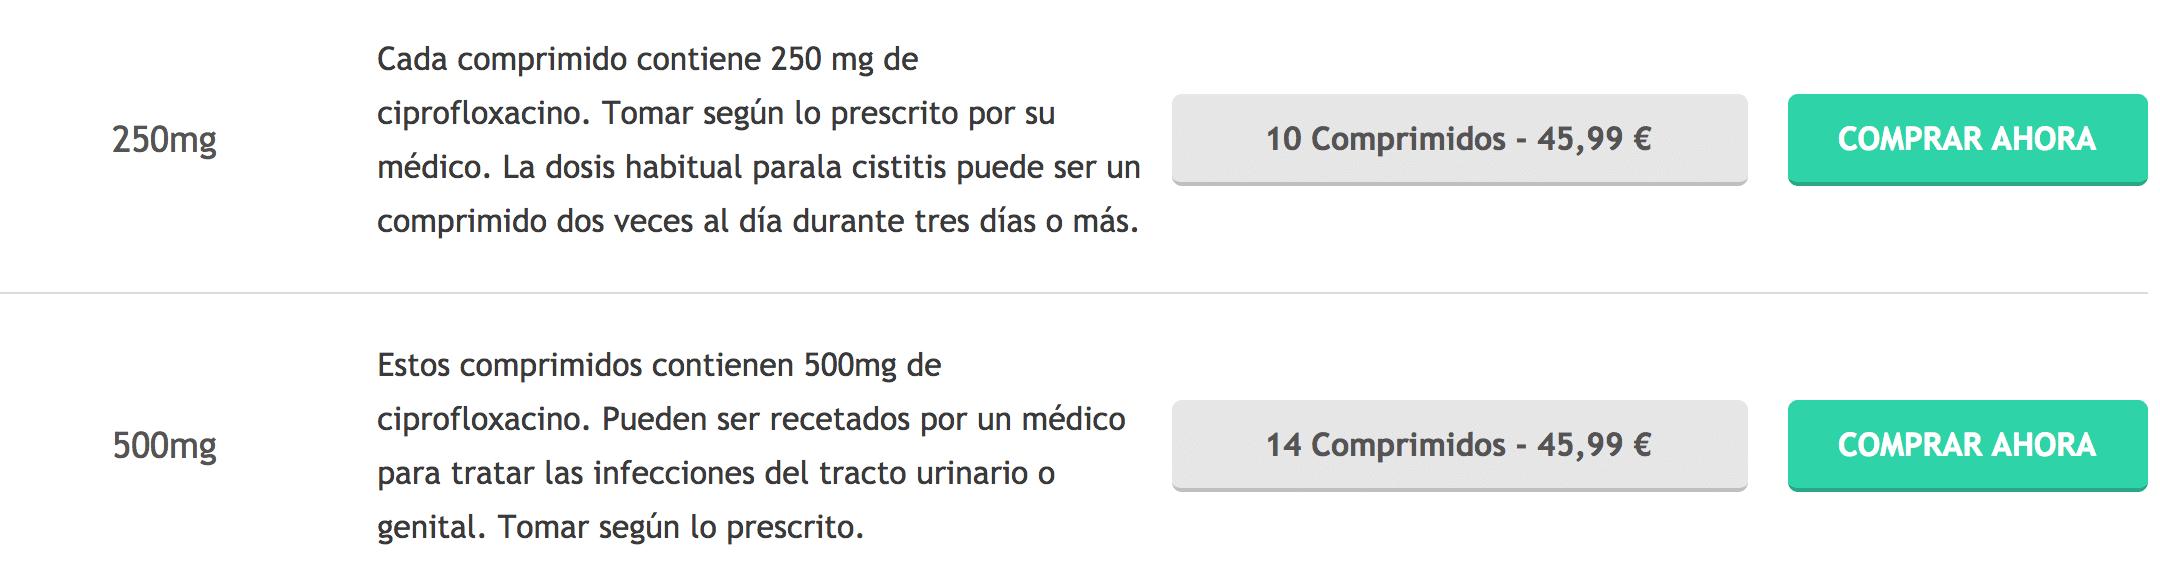 comprar ciprofloxacino